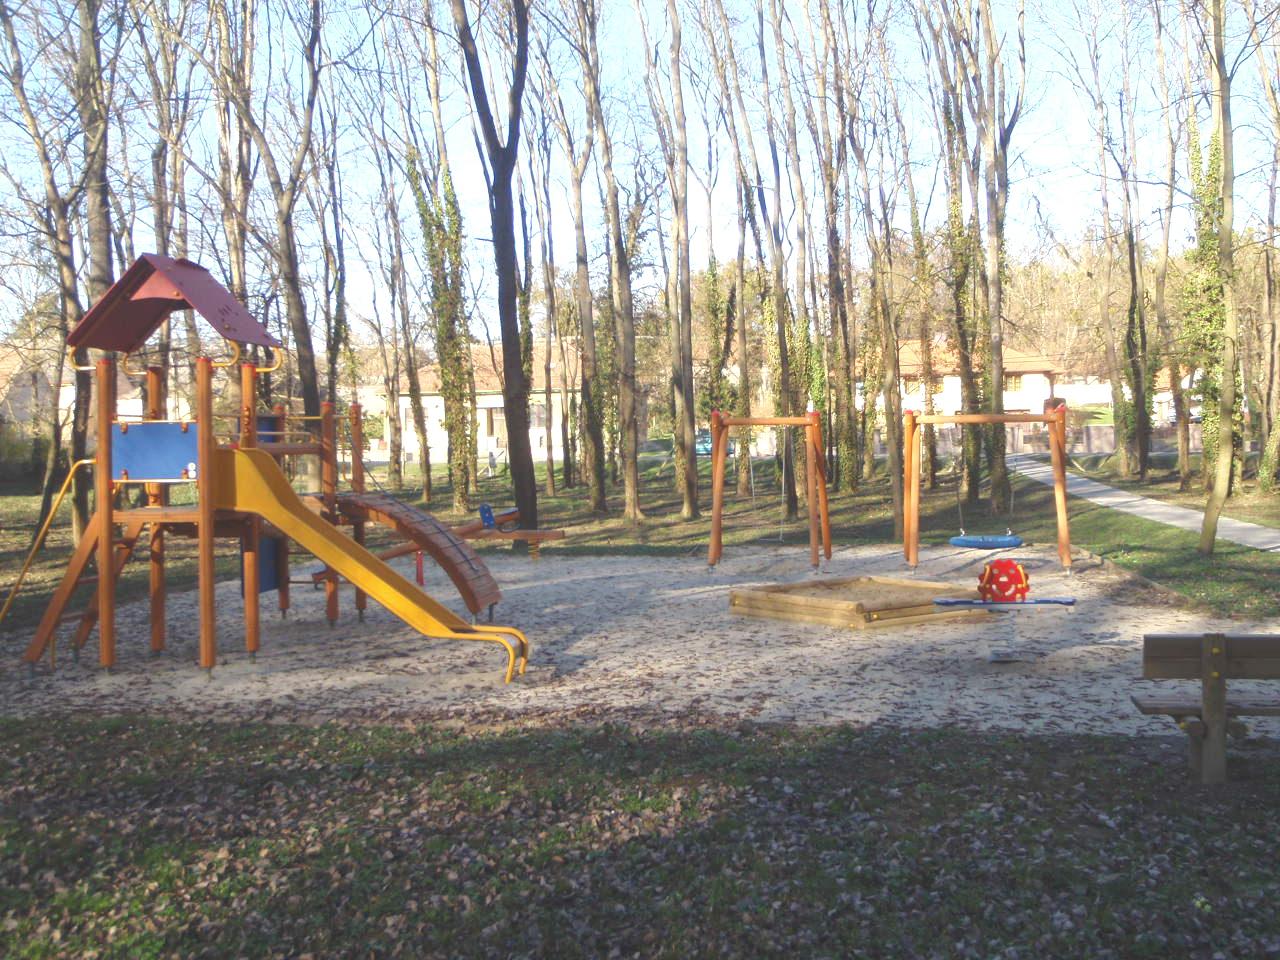 Túlárazott játszótér-felújítások miatt emelt vádat az ügyészség